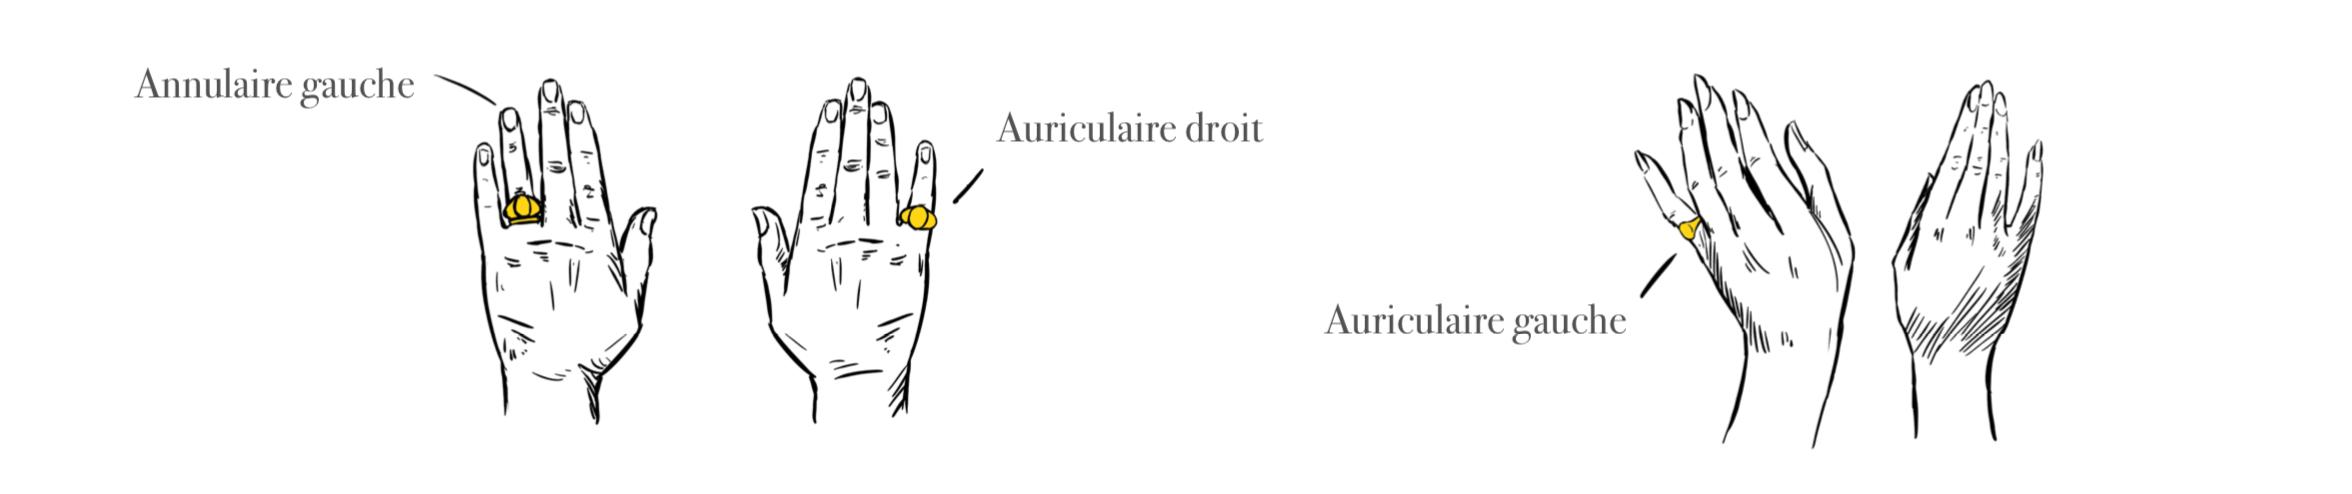 Dessin illustrant le port d'une chevalière